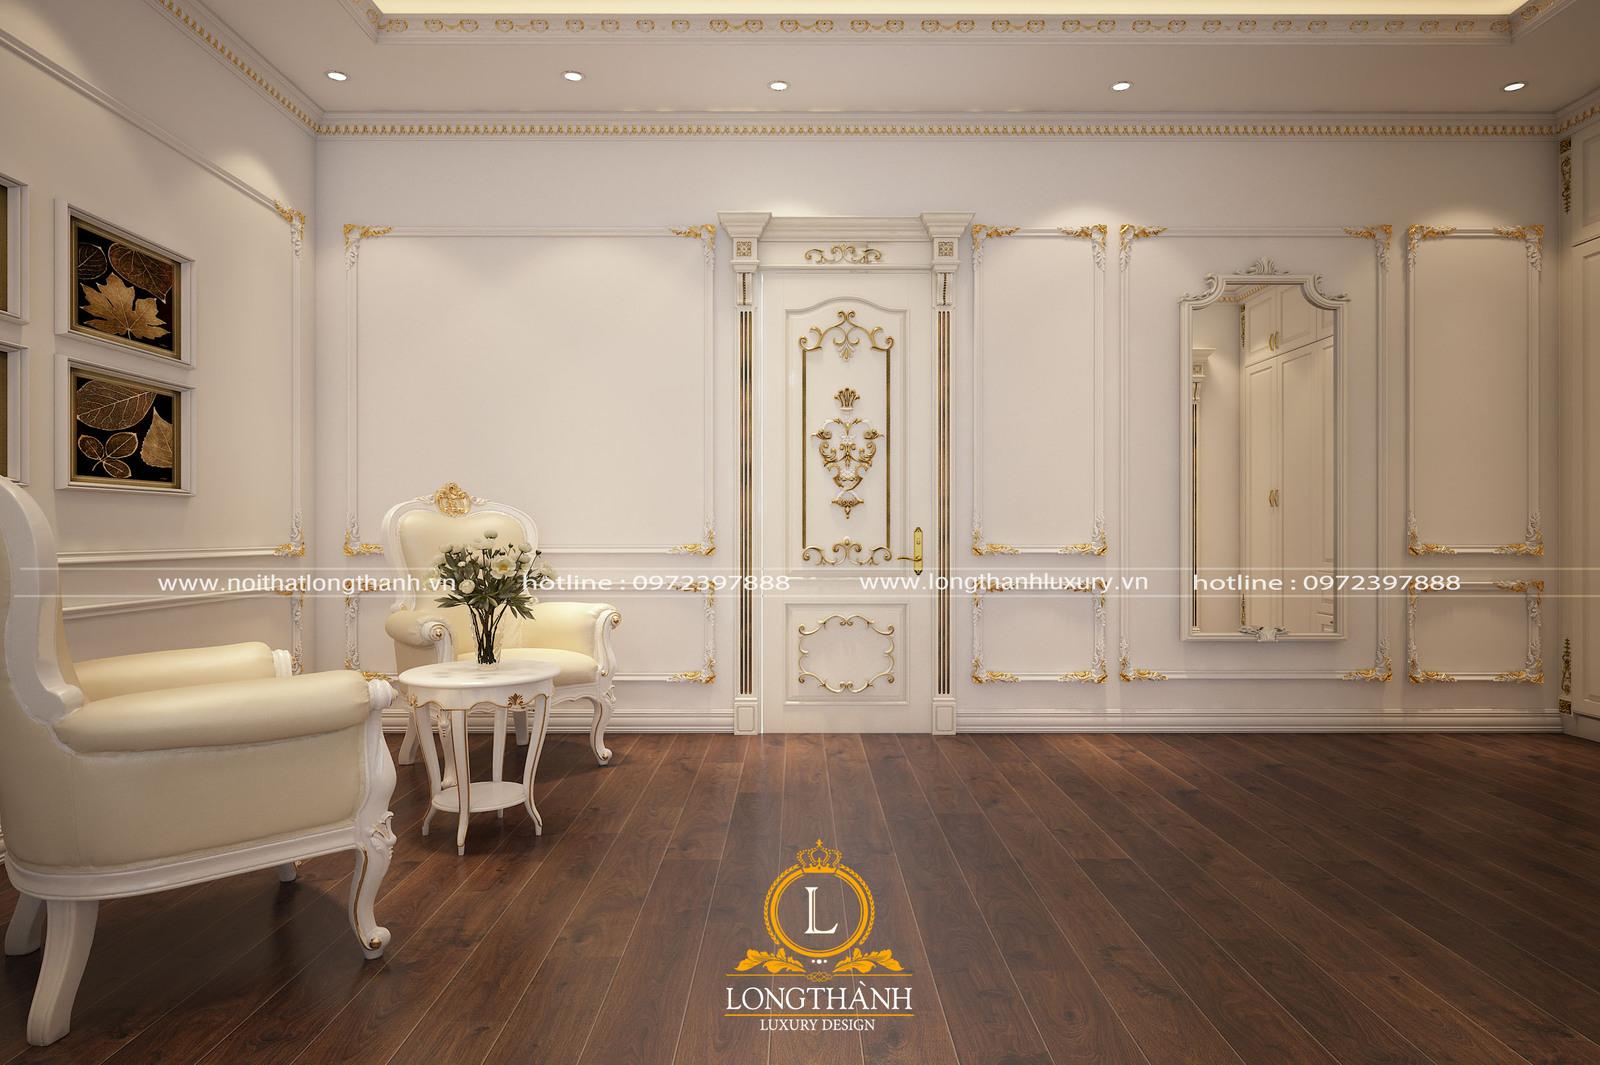 Không gian phòng ngủ tân cổ điển sơn trắng sang trọng và tinh tế